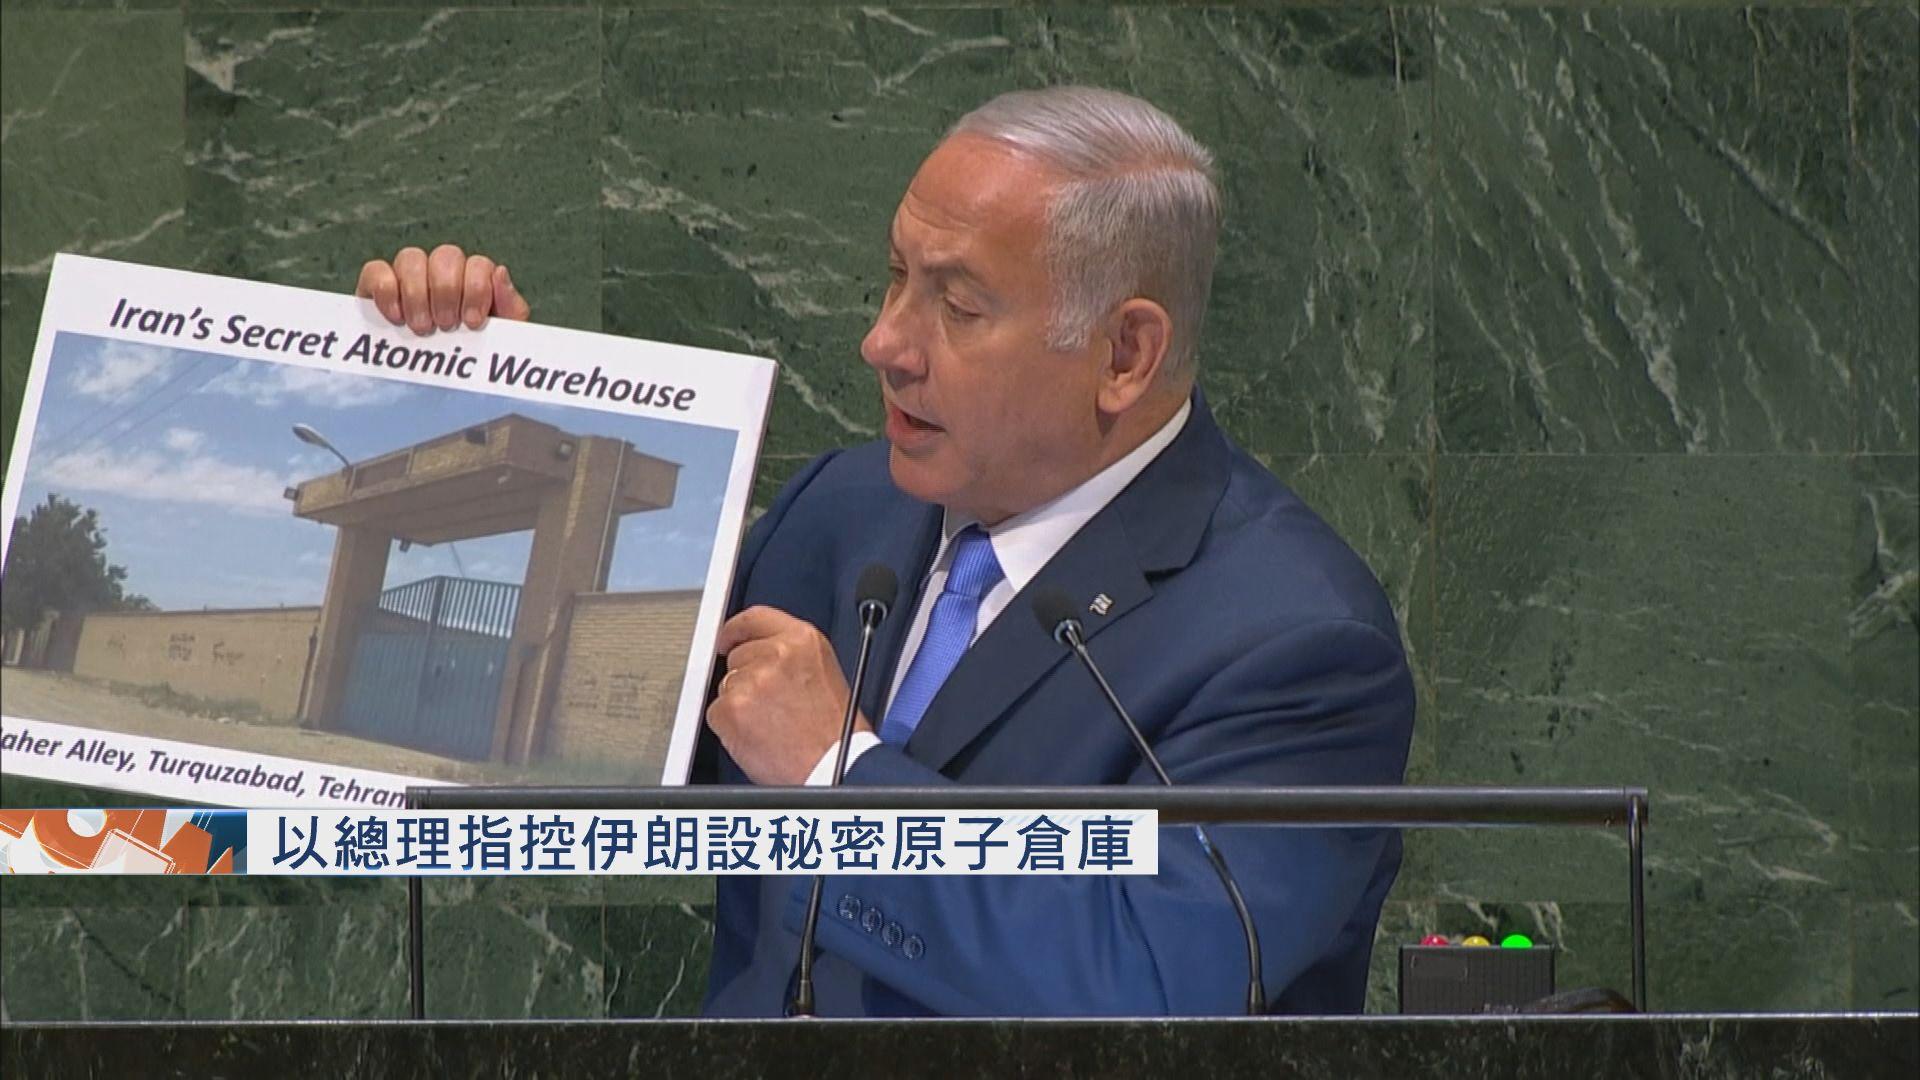 以色列總理指控伊朗設秘密原子倉庫